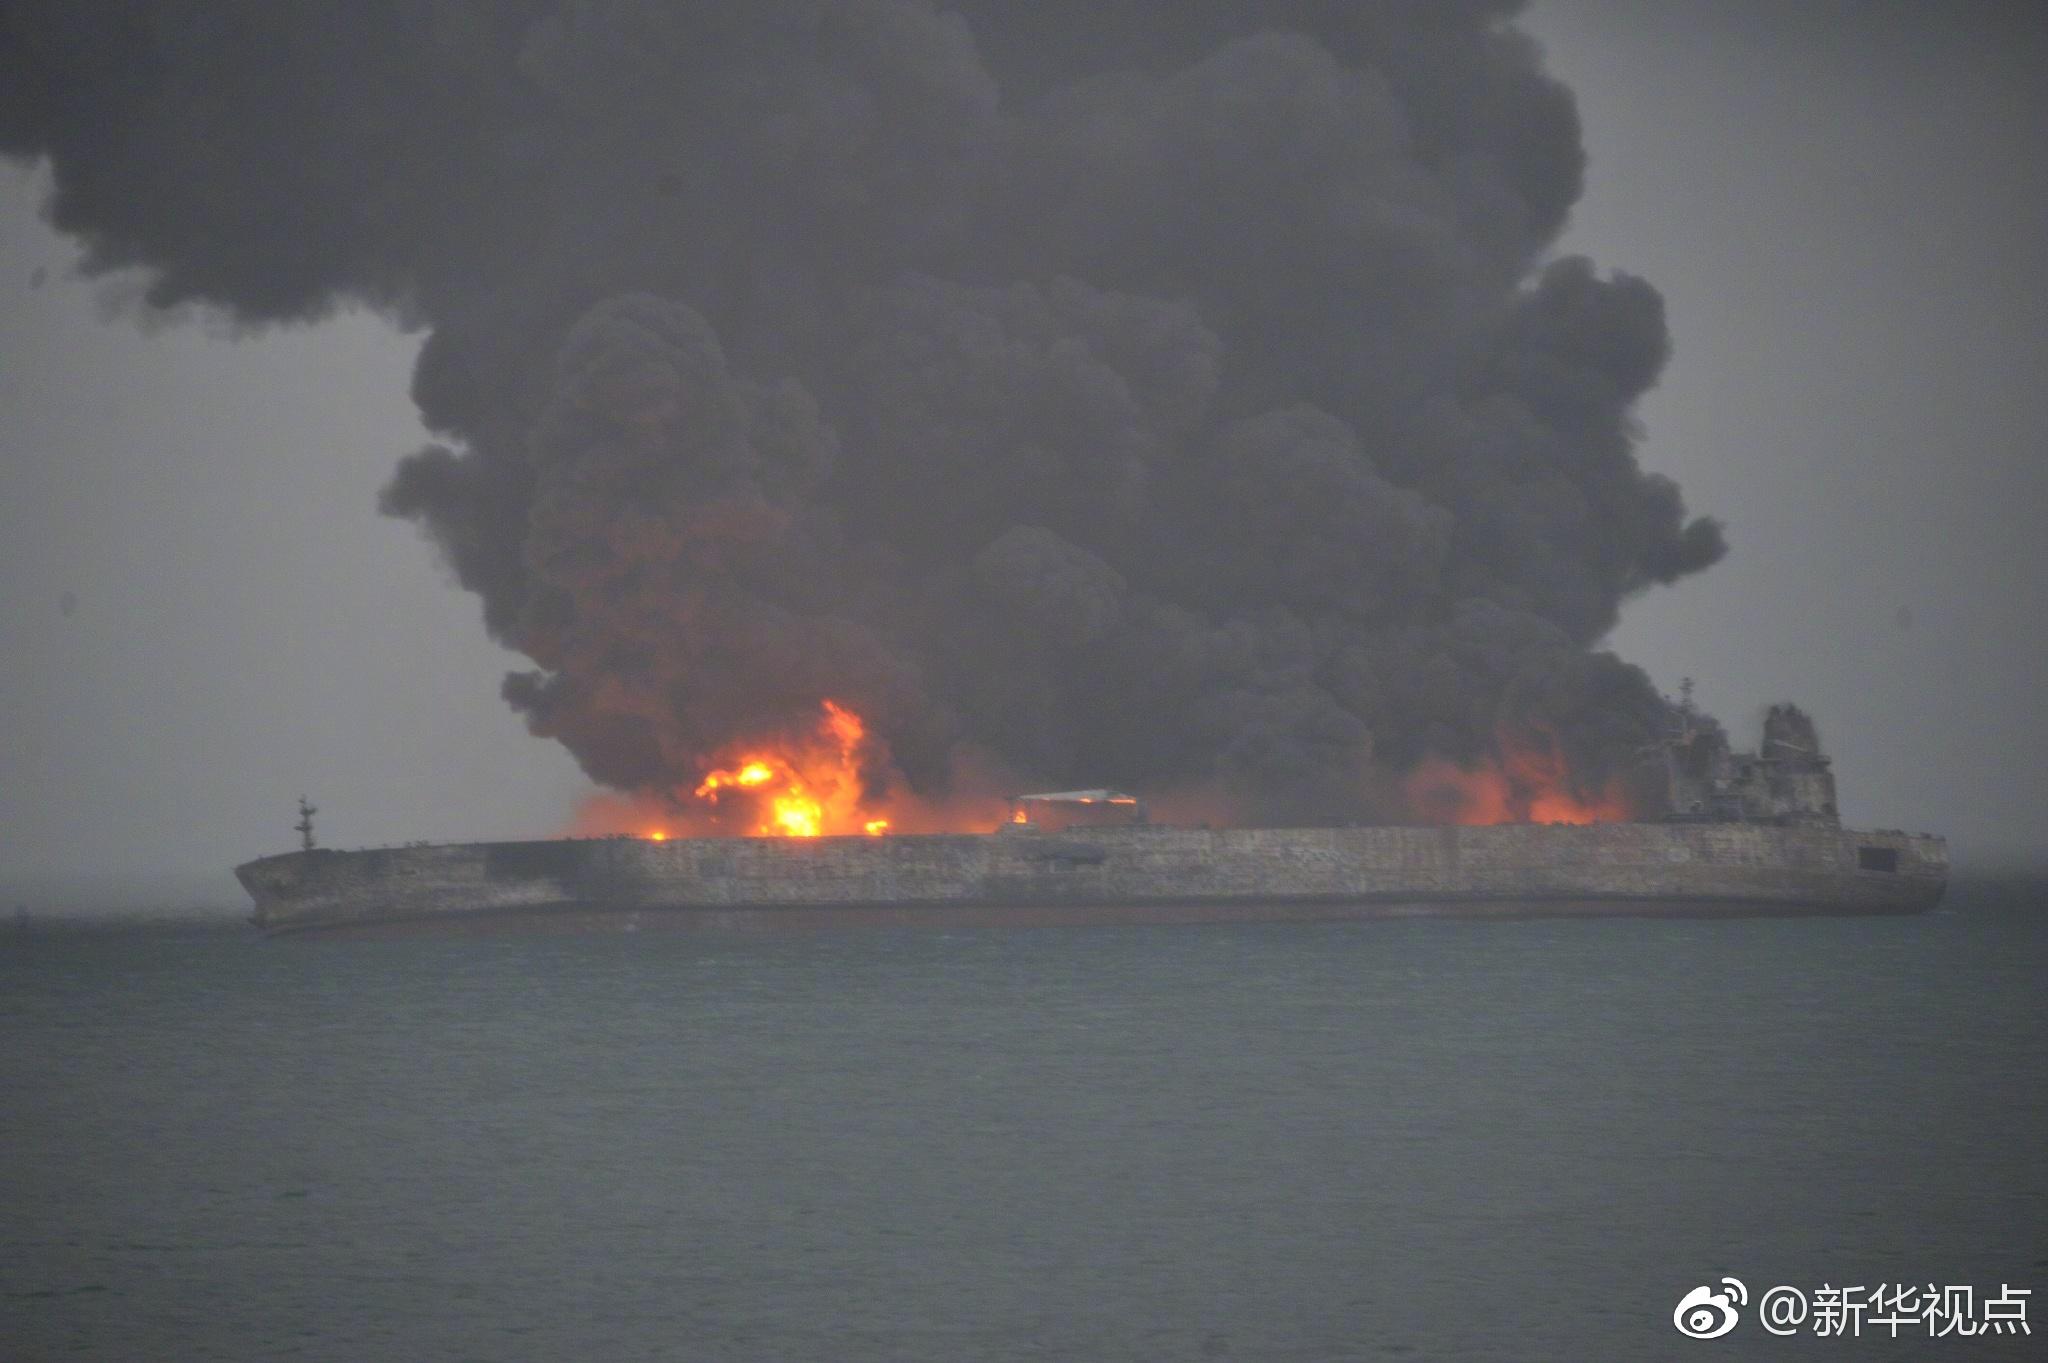 中国海岸附近撞船致32人失踪 美反潜机参与搜寻